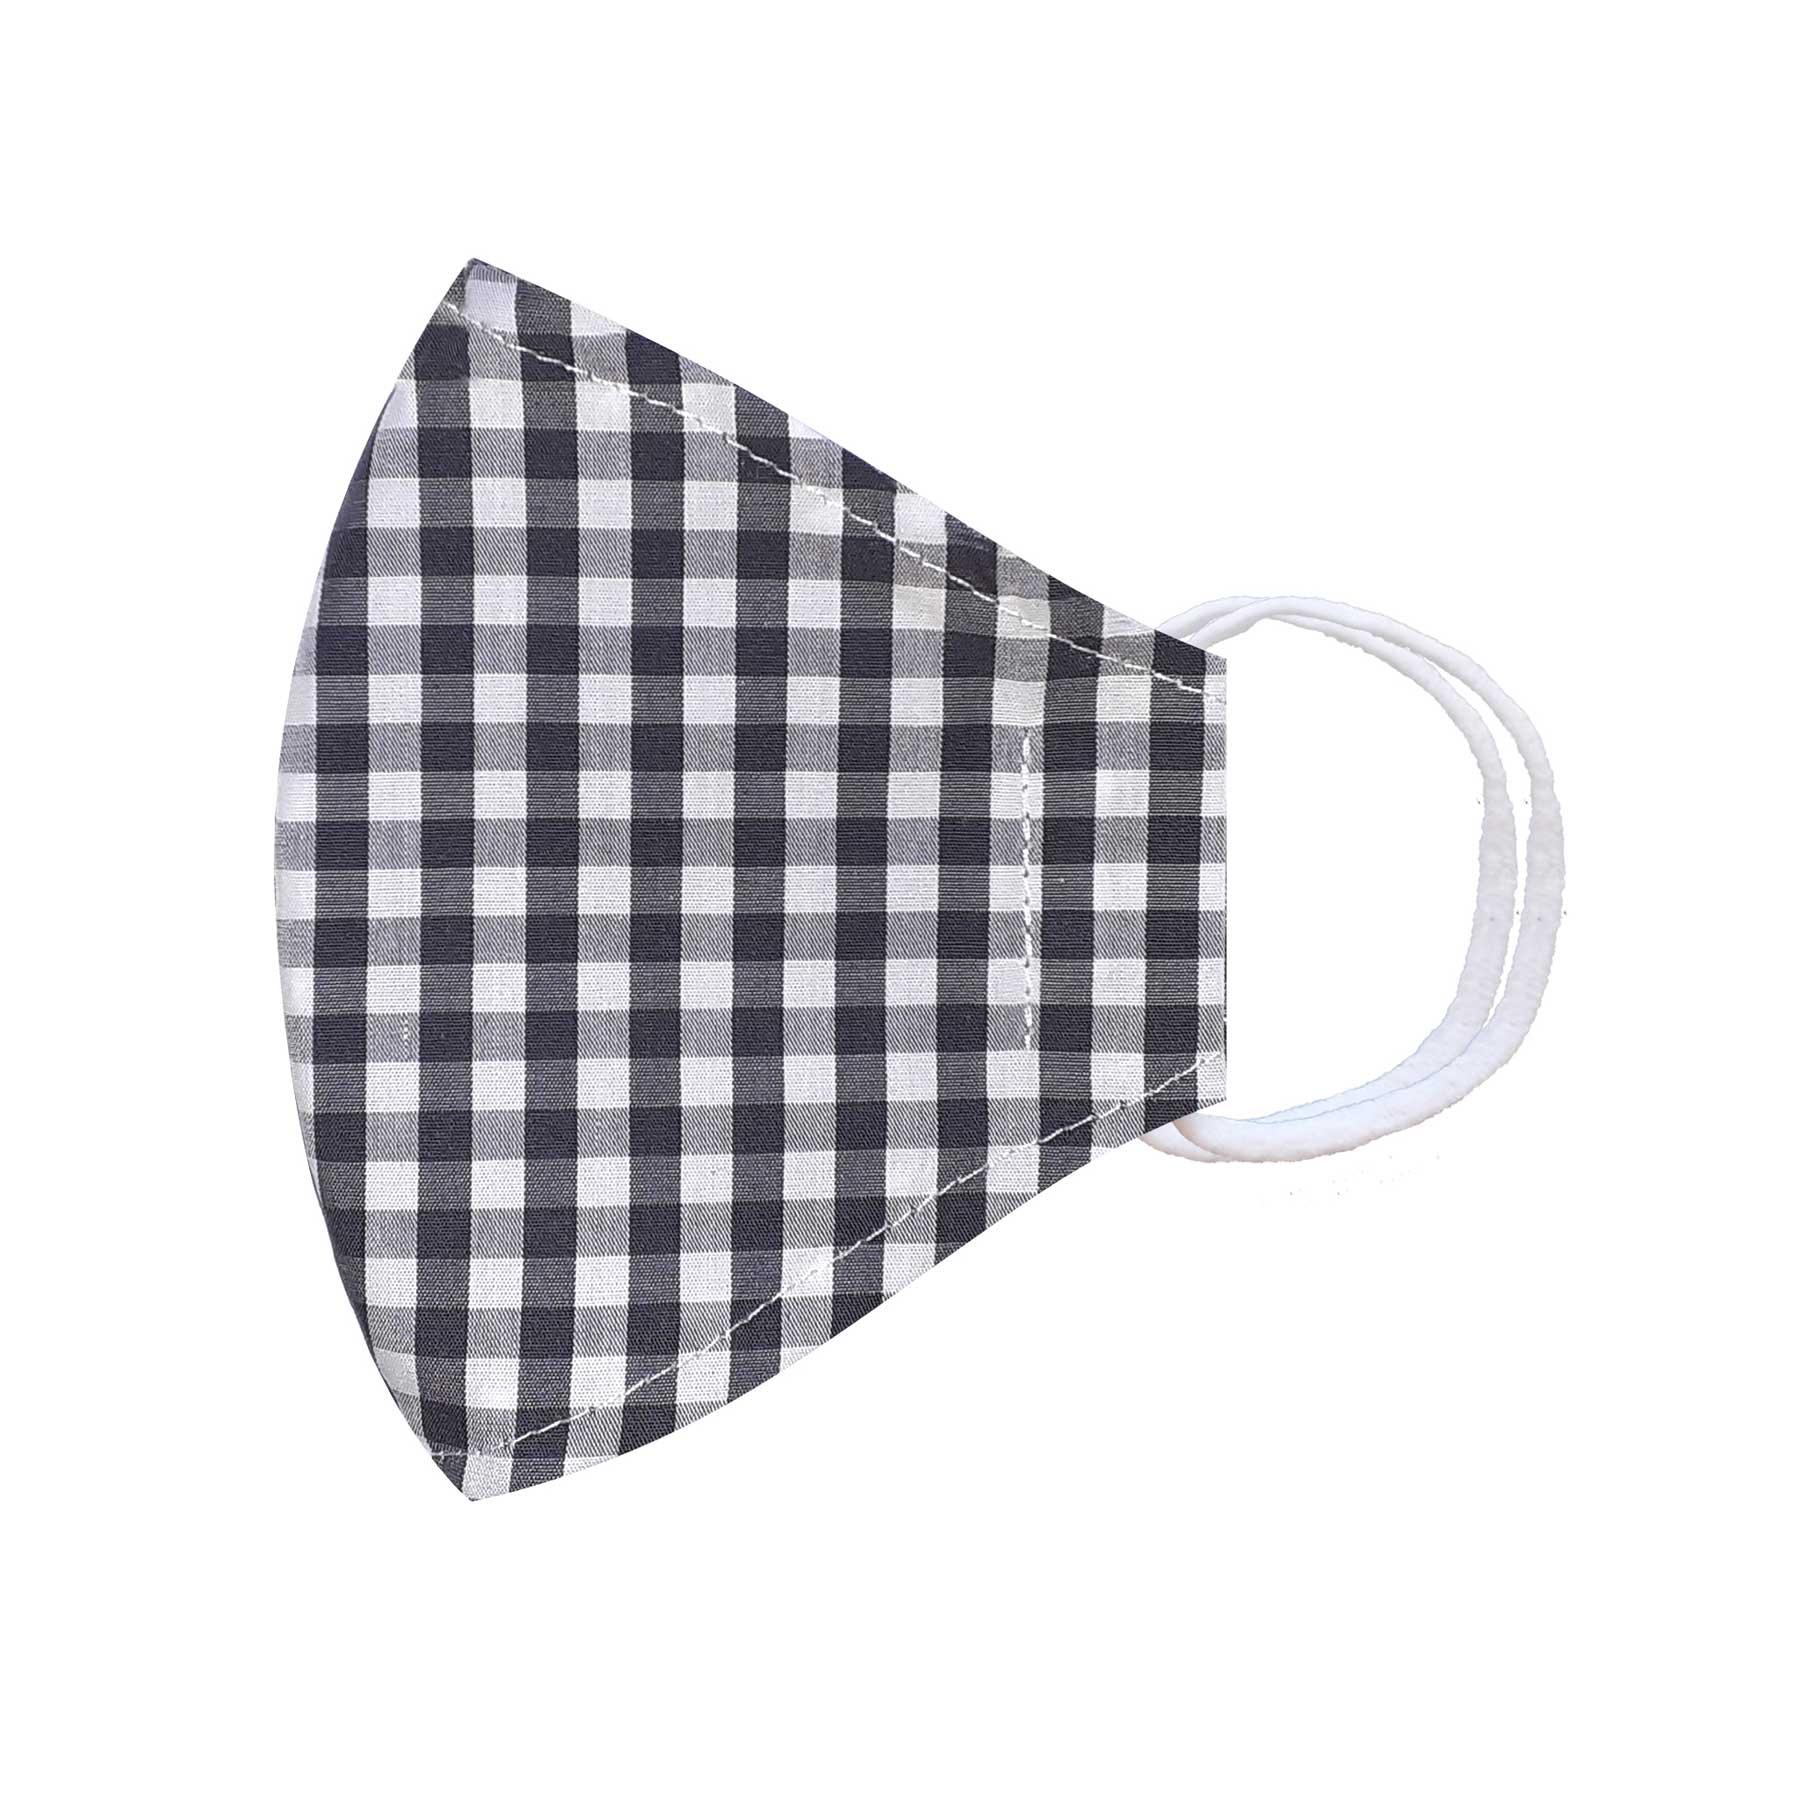 Módní třívrstvé bavlněné ústní roušky tvarované, bílá s šedobílou kostkou s gumičkami dámské